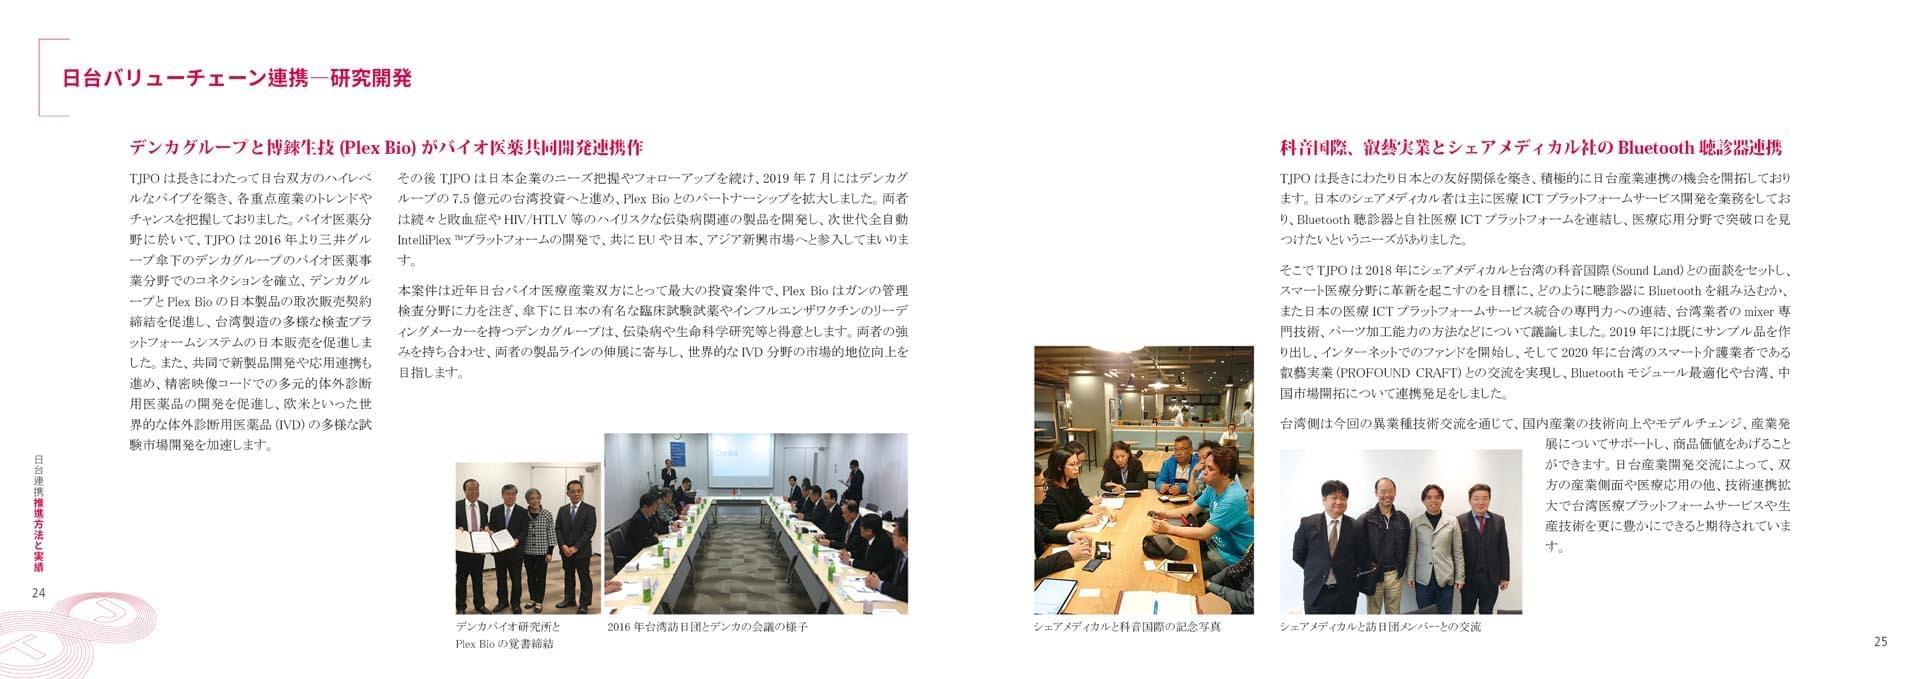 台日型錄-日文版60頁-第二次修改070215